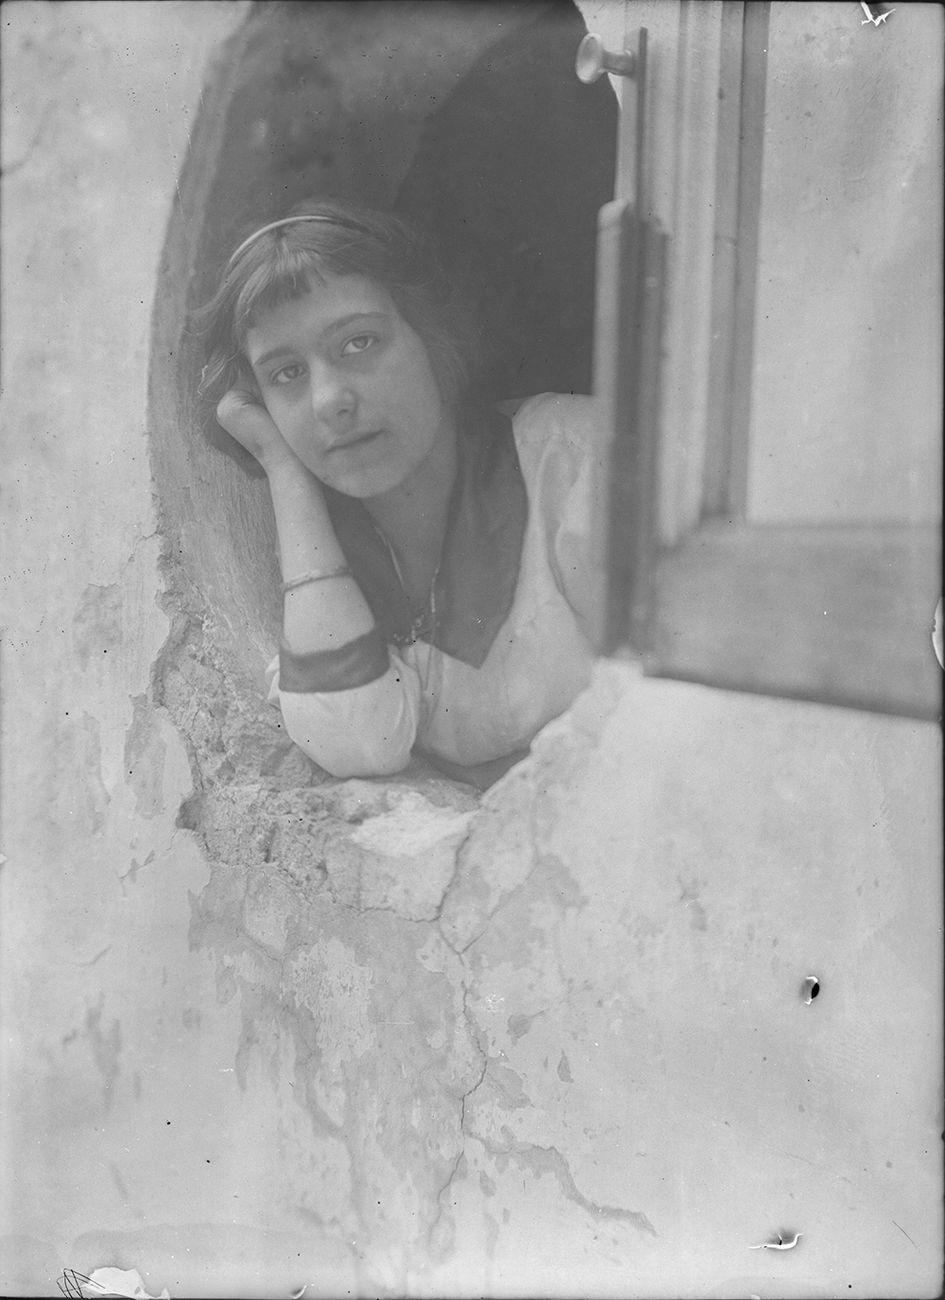 Yvonne De Rosa, dalla serie Correspondence. Photo credits Yvonne De Rosa